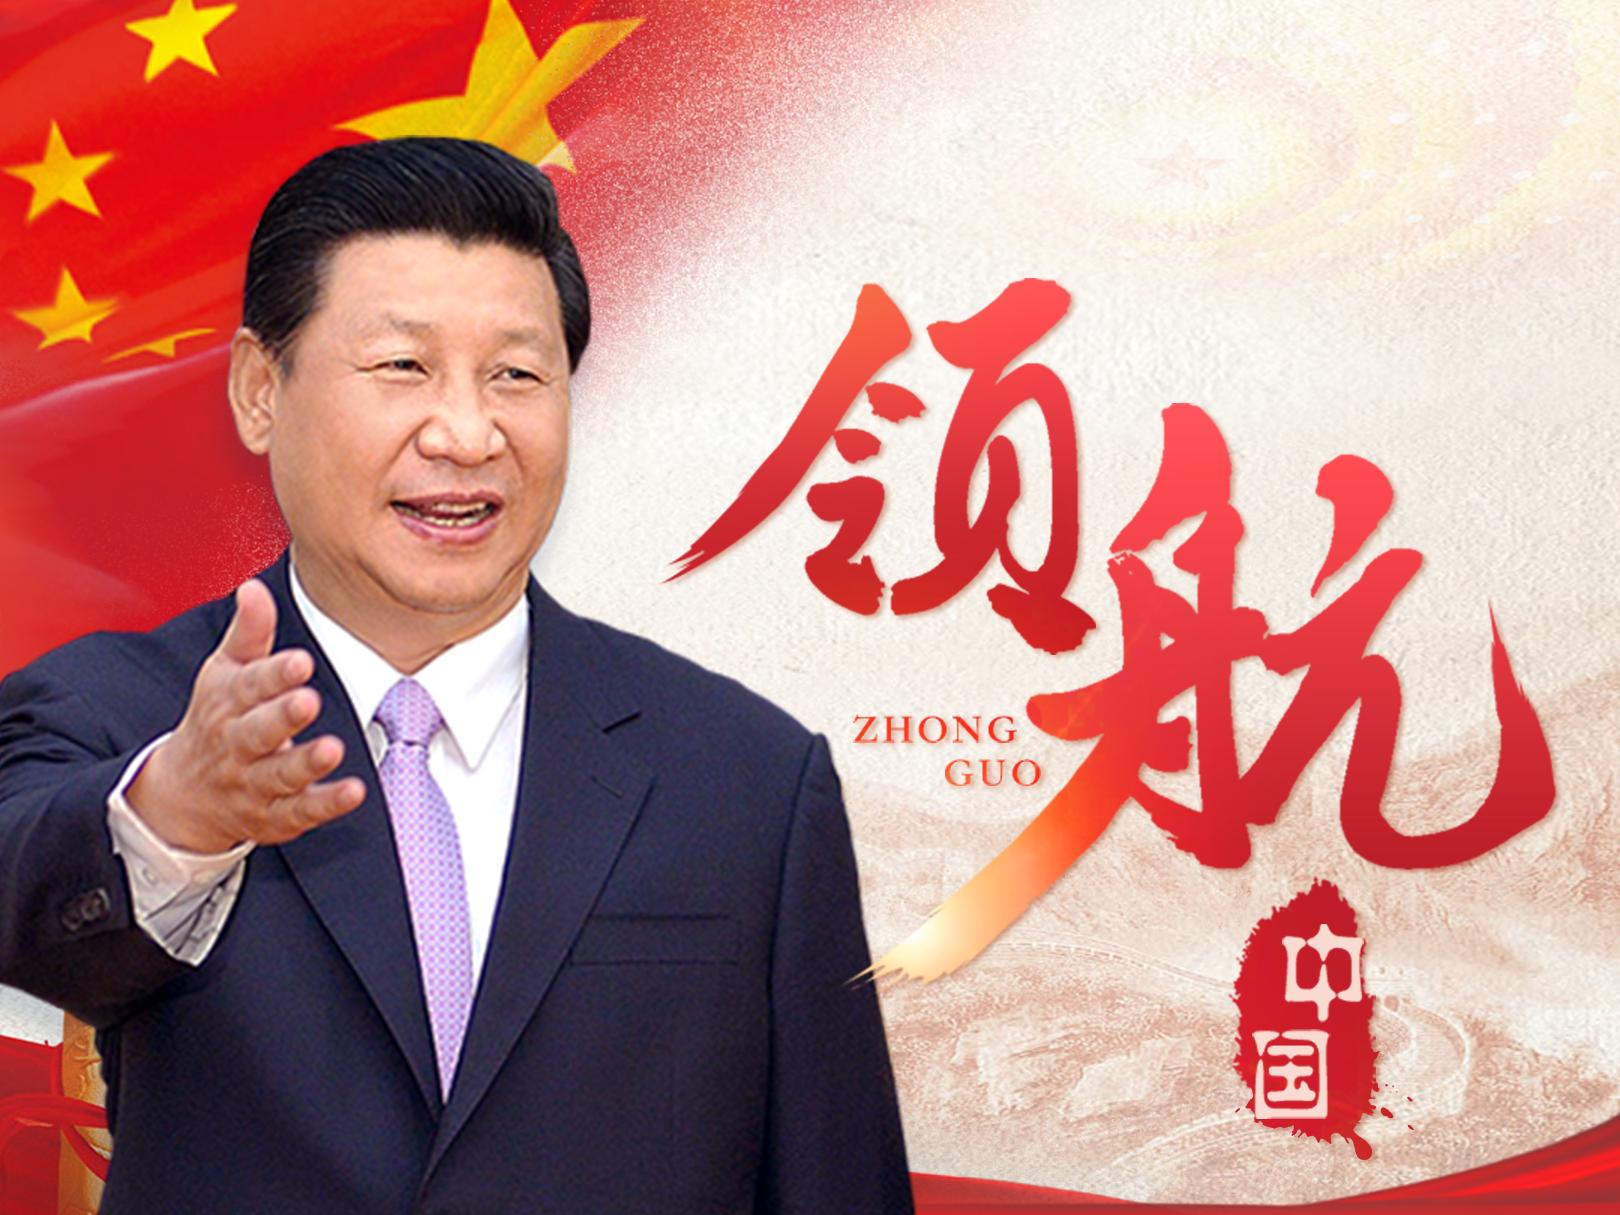 书写伟大复兴的时代画卷——以习近平同志为核心的党中央领航中国纪实